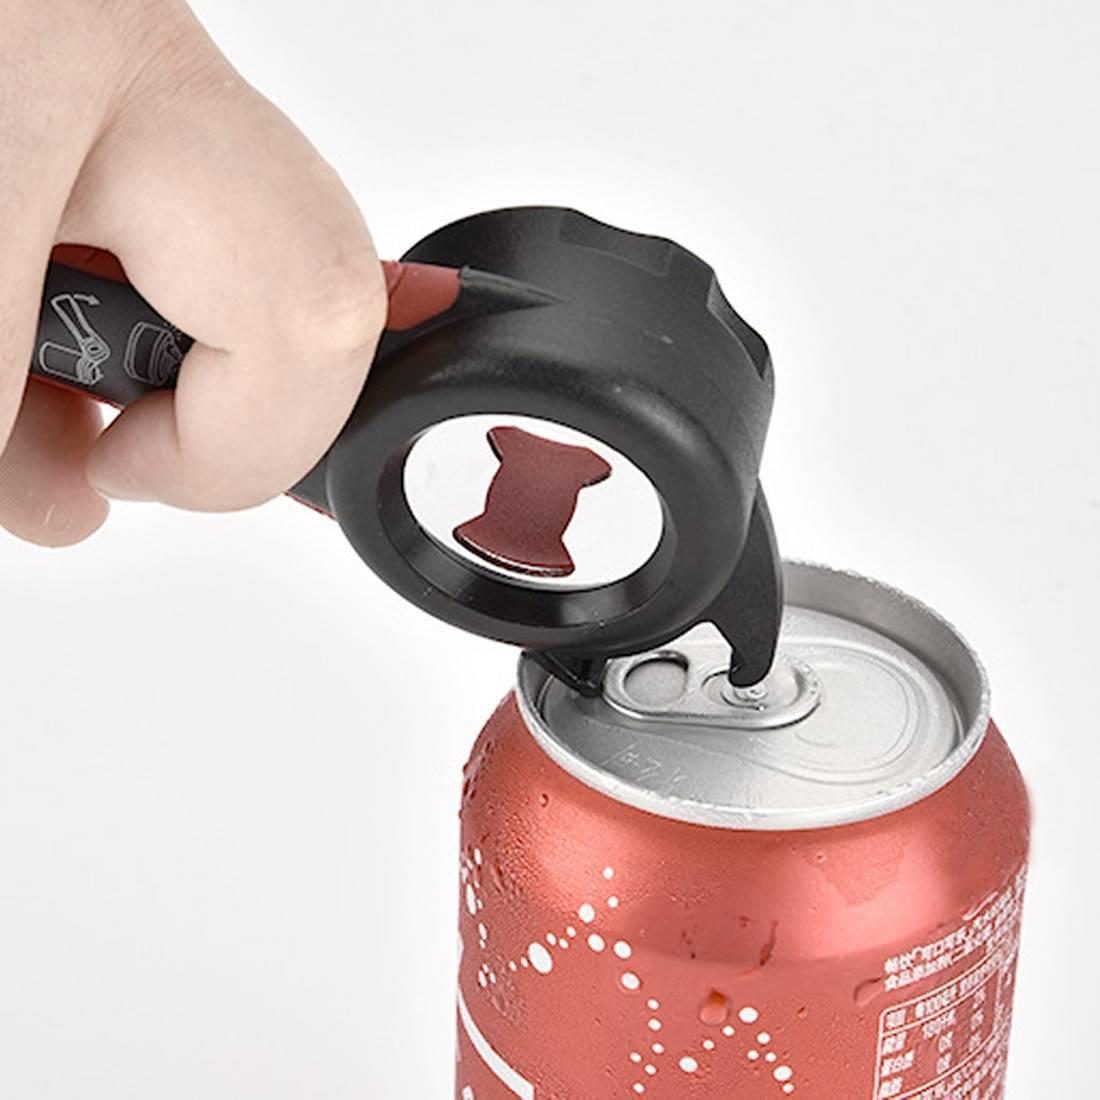 Как открыть пиво зубами. как открыть пиво зажигалкой и другими подручными средствами